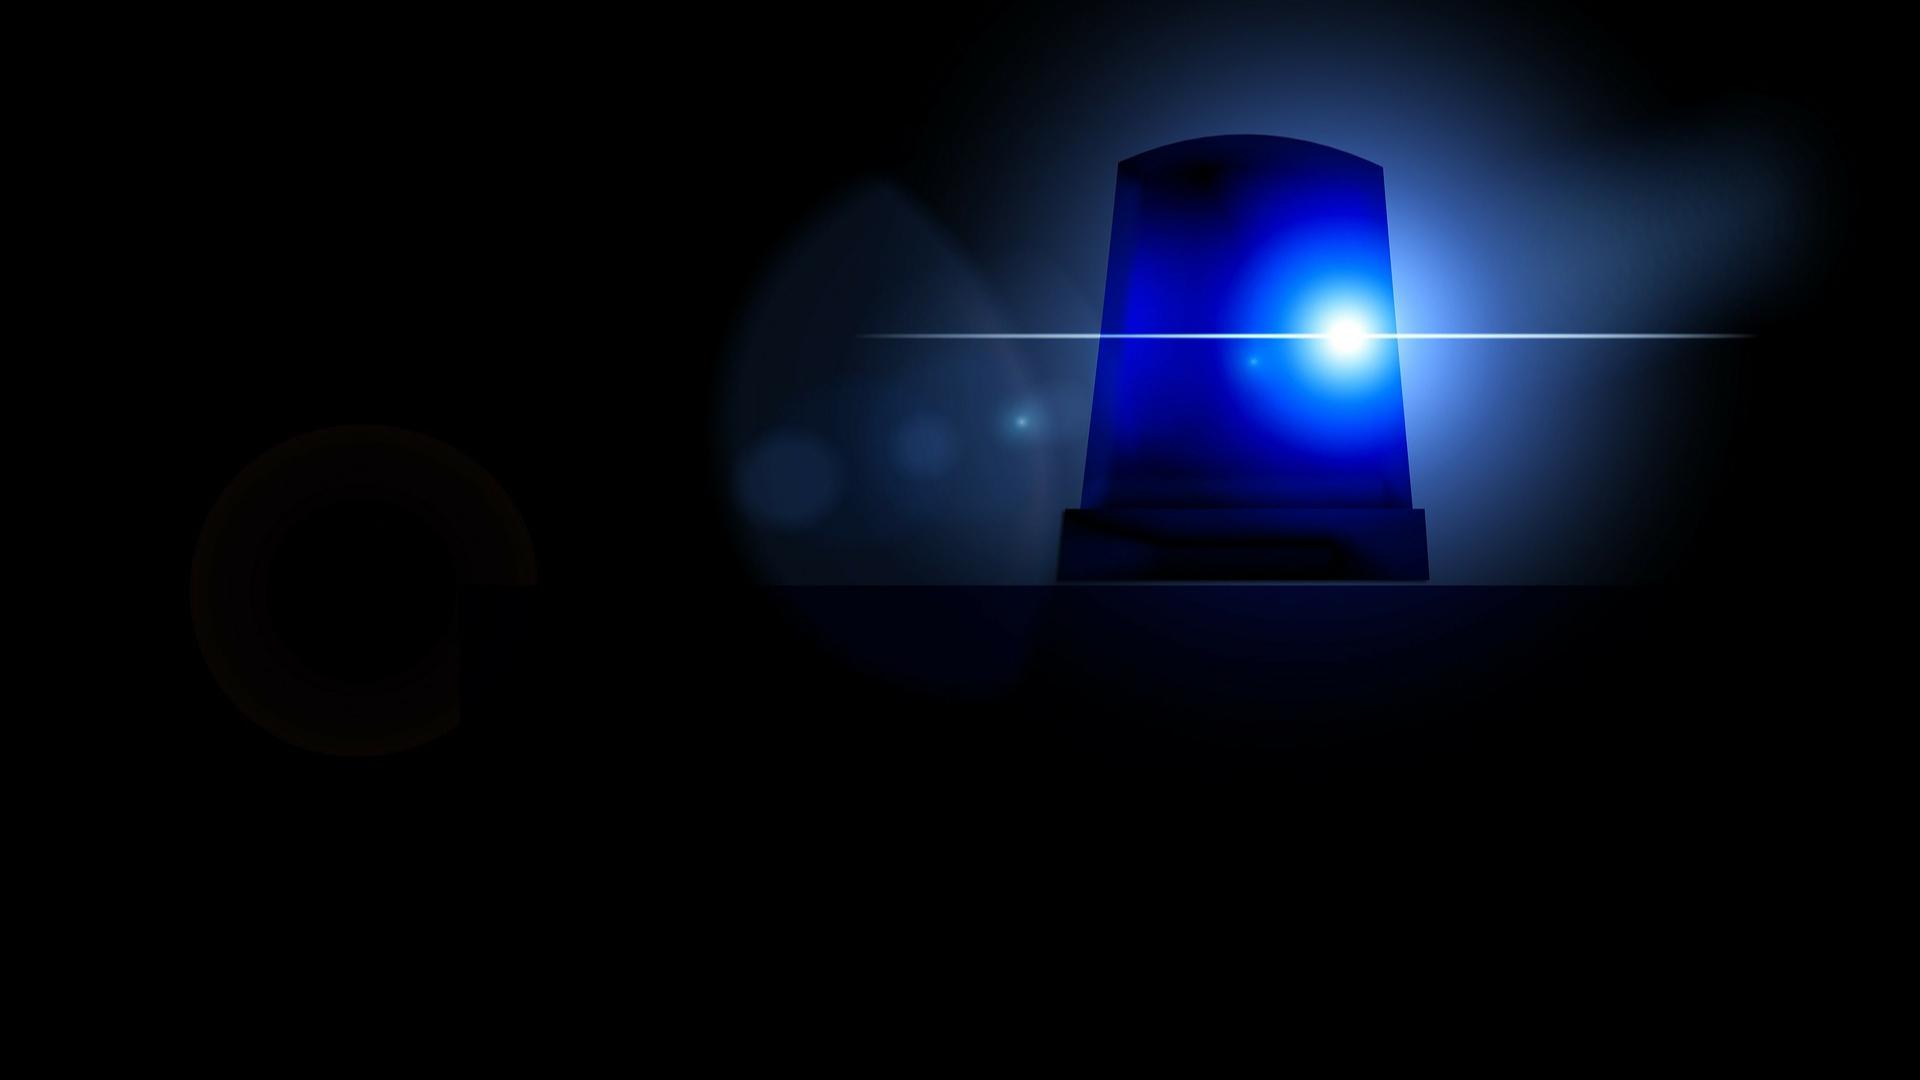 Jugendschutzkontrollen in Lautrer Innenstadt - Zwei Mal Betäubungsmittel festgestellt-Image